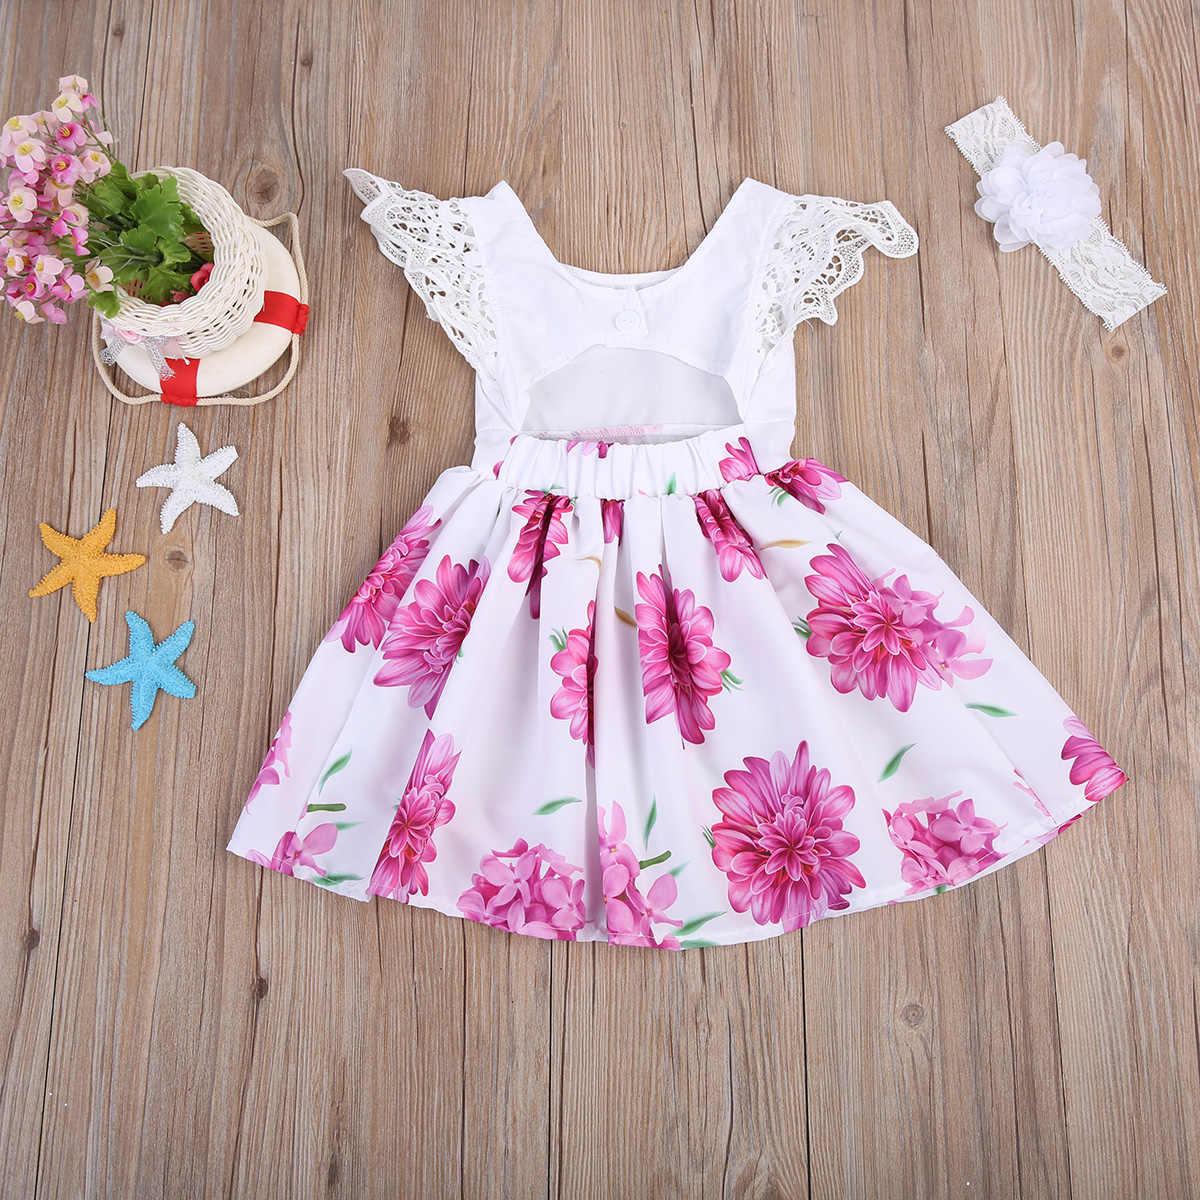 ファッション夏キッズ女の赤ちゃん花ドレスの王女かわいいドレスフライスリーブレース背中のパーティードレス